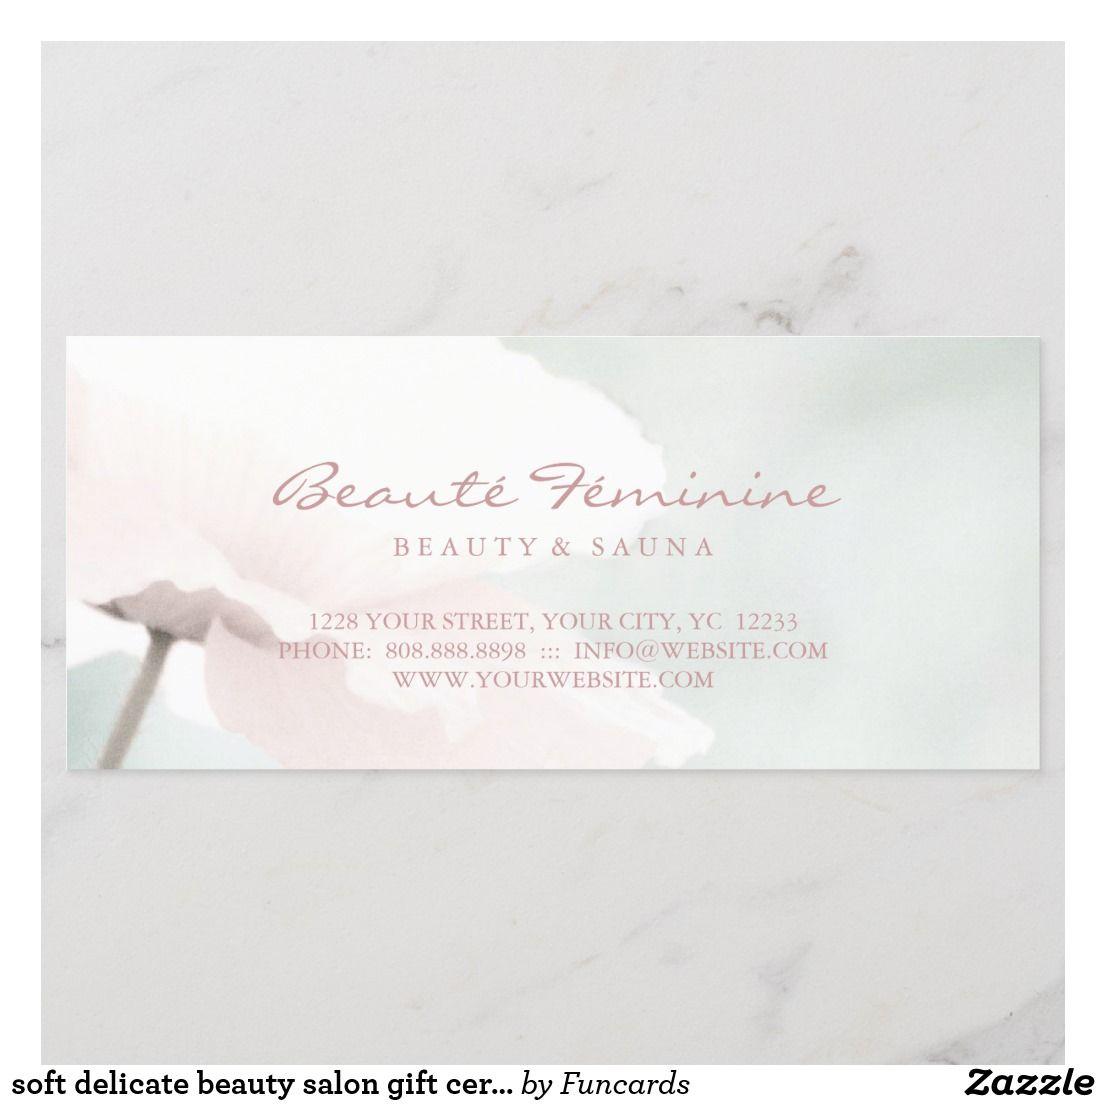 soft delicate beauty salon gift certificate  Zazzle.com  Salon